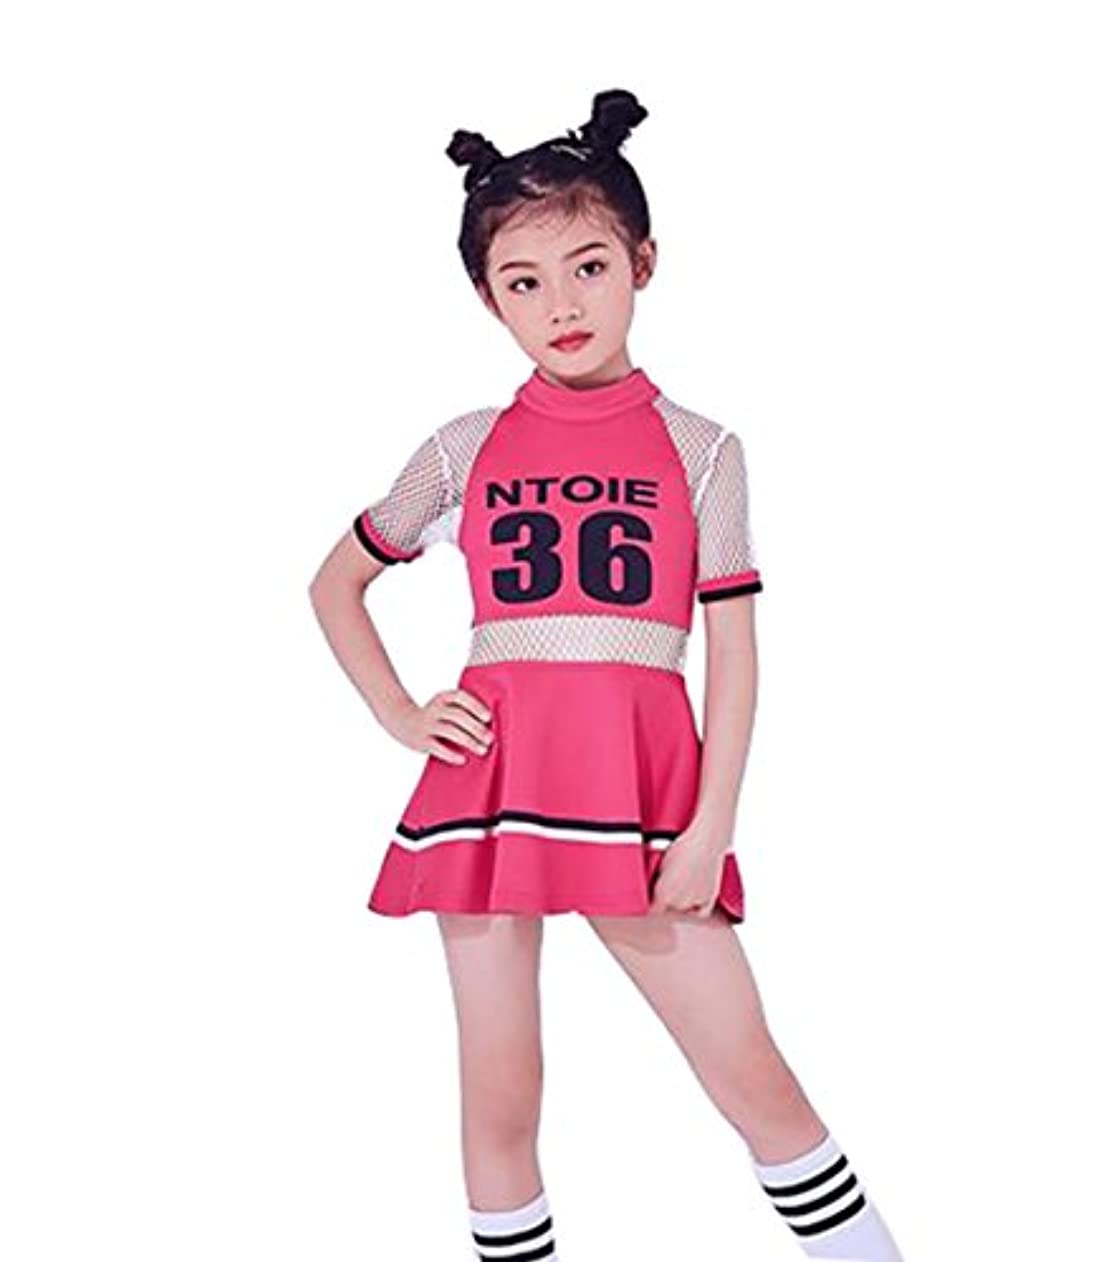 に賛成素晴らしい良い多くの薄いですキッズダンス衣装 女の子 チアガール 衣装 ワンピース ユニフォーム キッズ チア チアガール 衣装 チアリーダー 衣装 ダンス衣装 セットアップ 新体操 発表会 女の子 ダンス衣装 ヒップホップ ダンスウェア 体操服 演出服 (ピンク, 160CM)